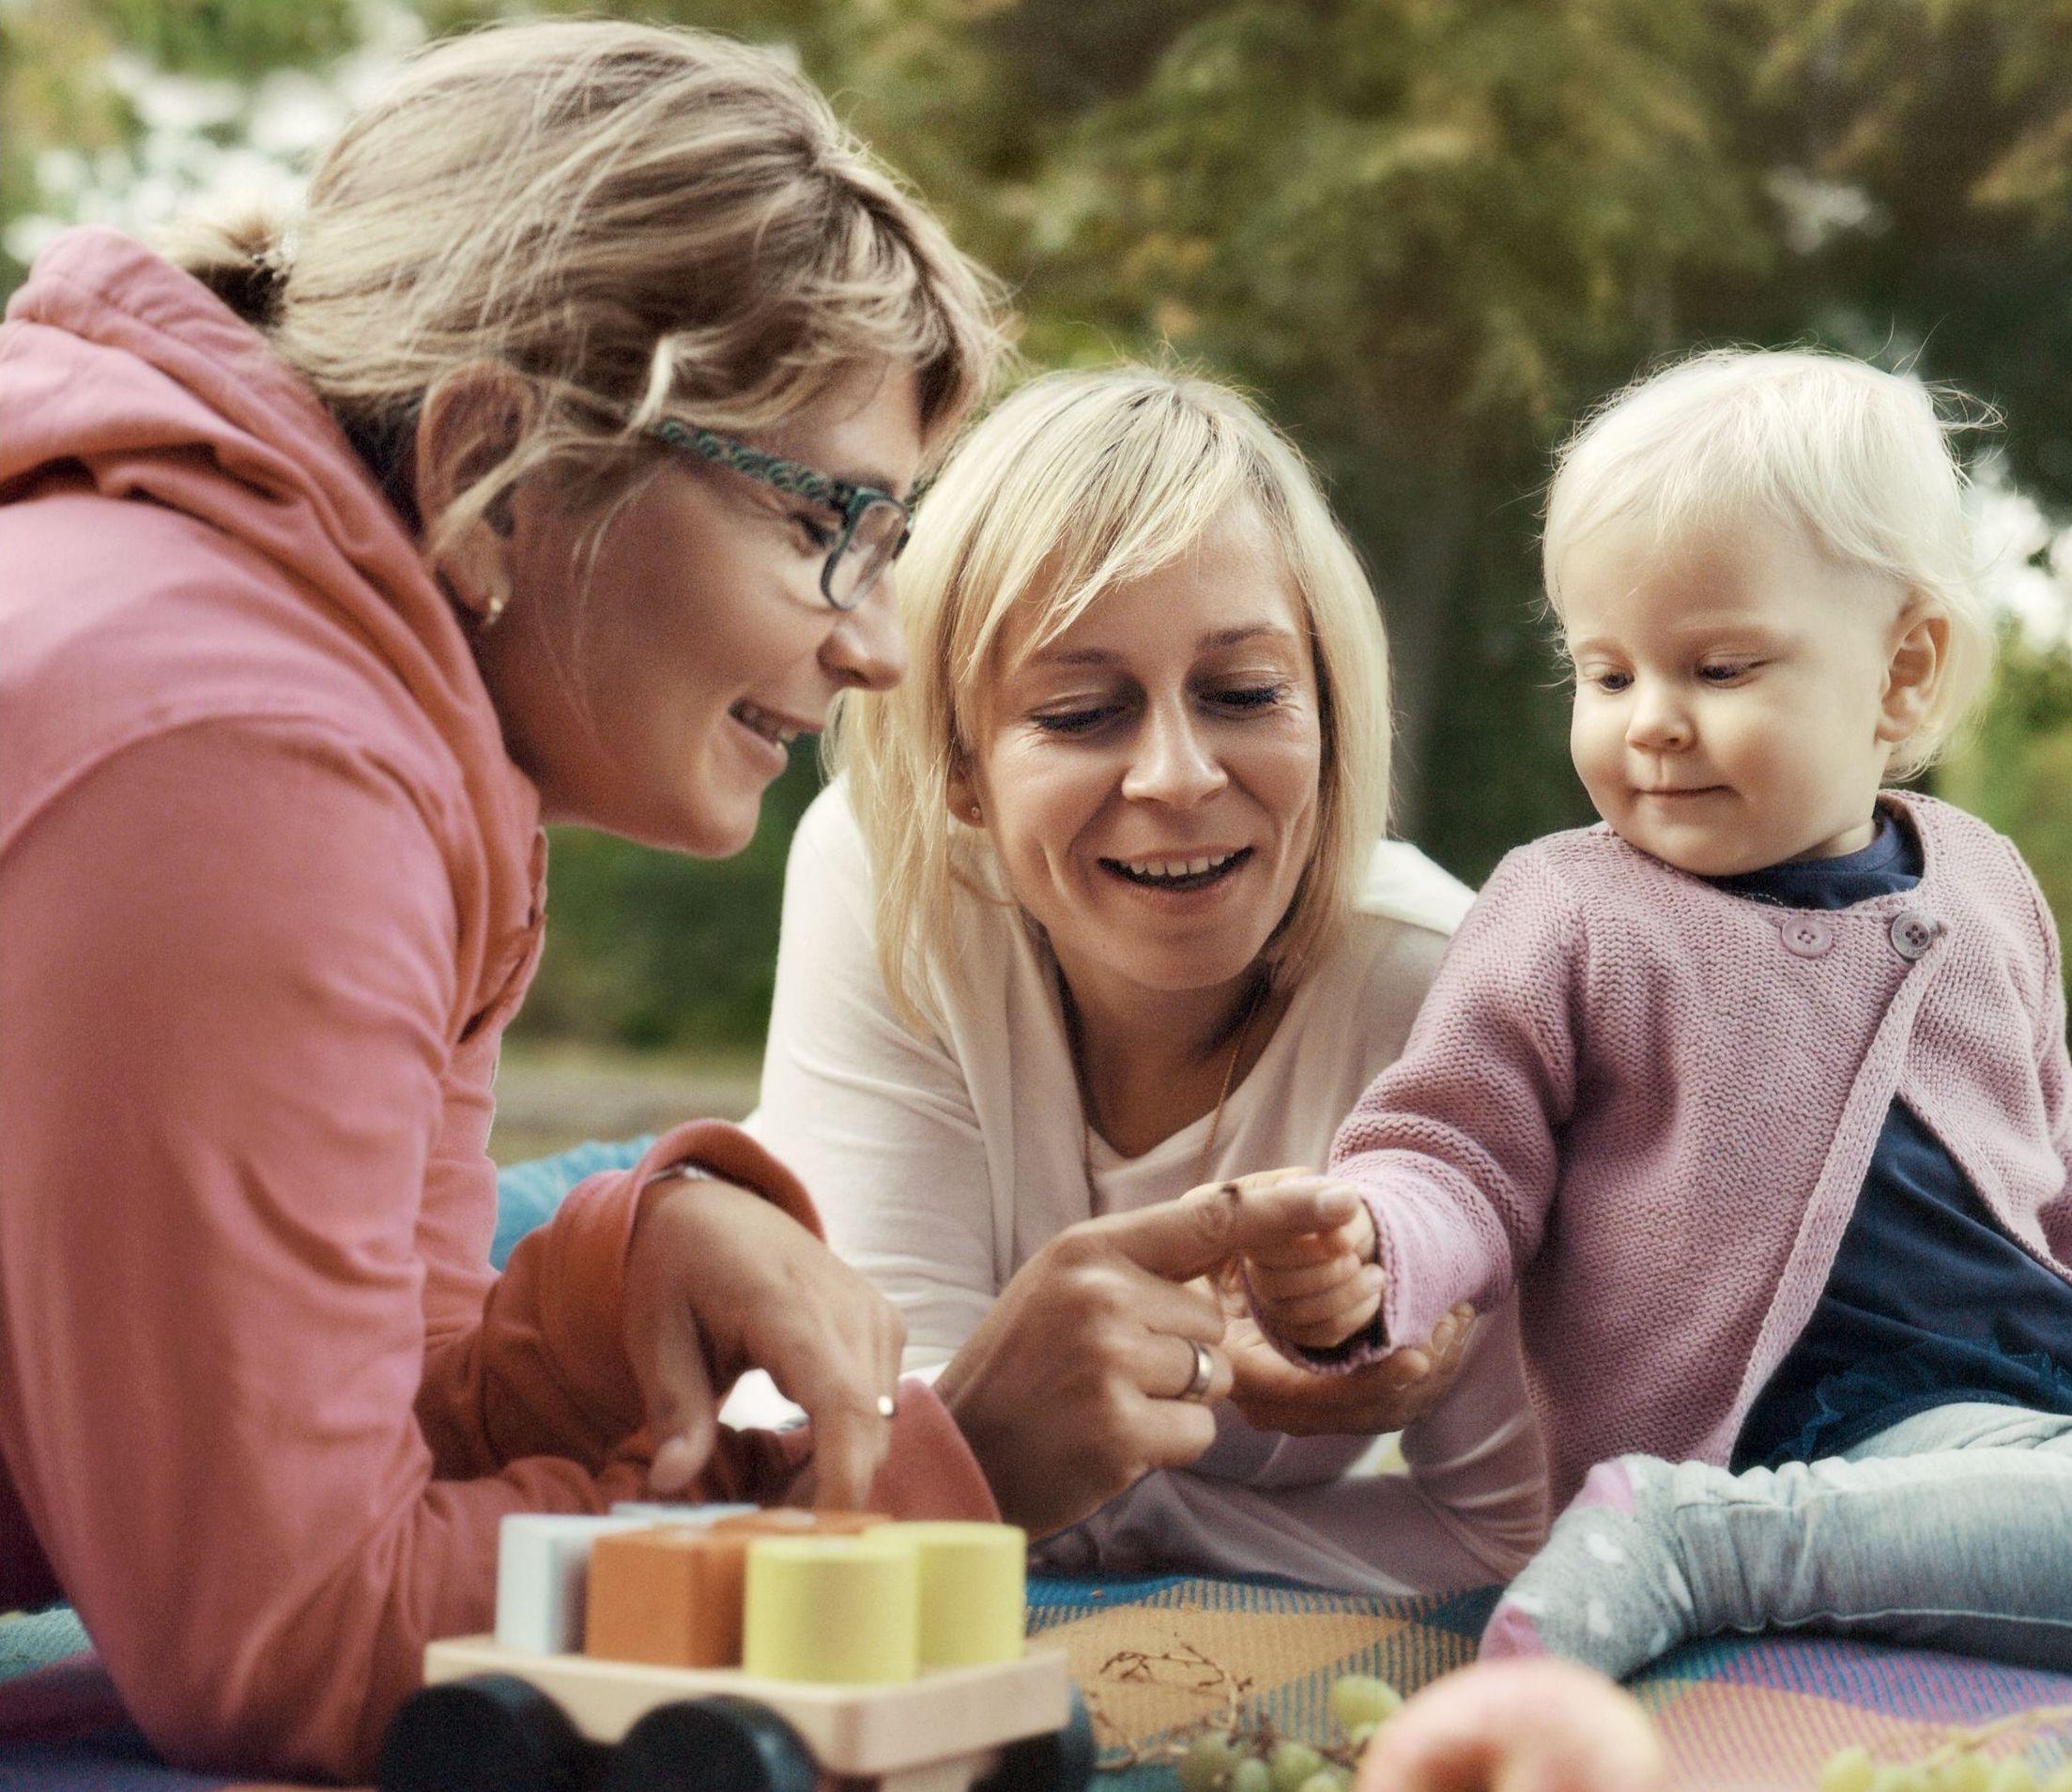 Familienpatin mit Mutter und Kind